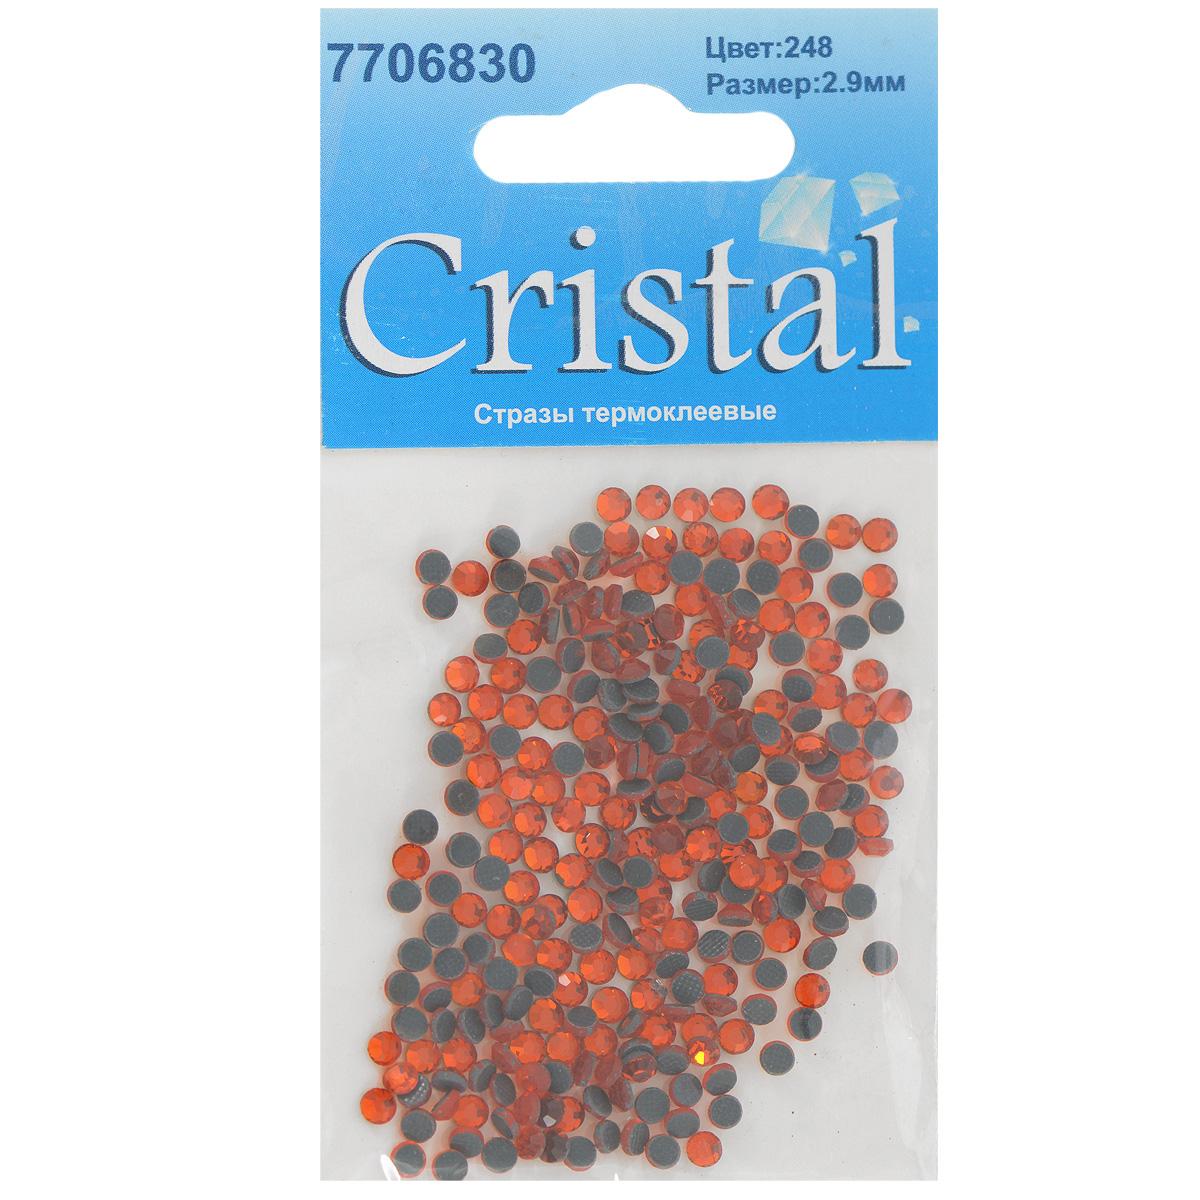 Стразы термоклеевые Cristal, цвет: гранатовый (248), диаметр 2,9 мм, 288 шт7706830_248Набор термоклеевых страз Cristal, изготовленный из высококачественного акрила, позволит вам украсить одежду, аксессуары или текстиль. Яркие стразы имеют плоское дно и круглую поверхность с гранями.Дно термоклеевых страз уже обработано особым клеем, который под воздействием высоких температур начинает плавиться, приклеиваясь, таким образом, к требуемой поверхности. Чаще всего их используют в текстильной промышленности: стразы прикладывают к ткани и проглаживают утюгом с обратной стороны. Также можно использовать специальный паяльник. Украшение стразами поможет сделать любую вещь оригинальной и неповторимой. Диаметр страз: 2,9 мм.